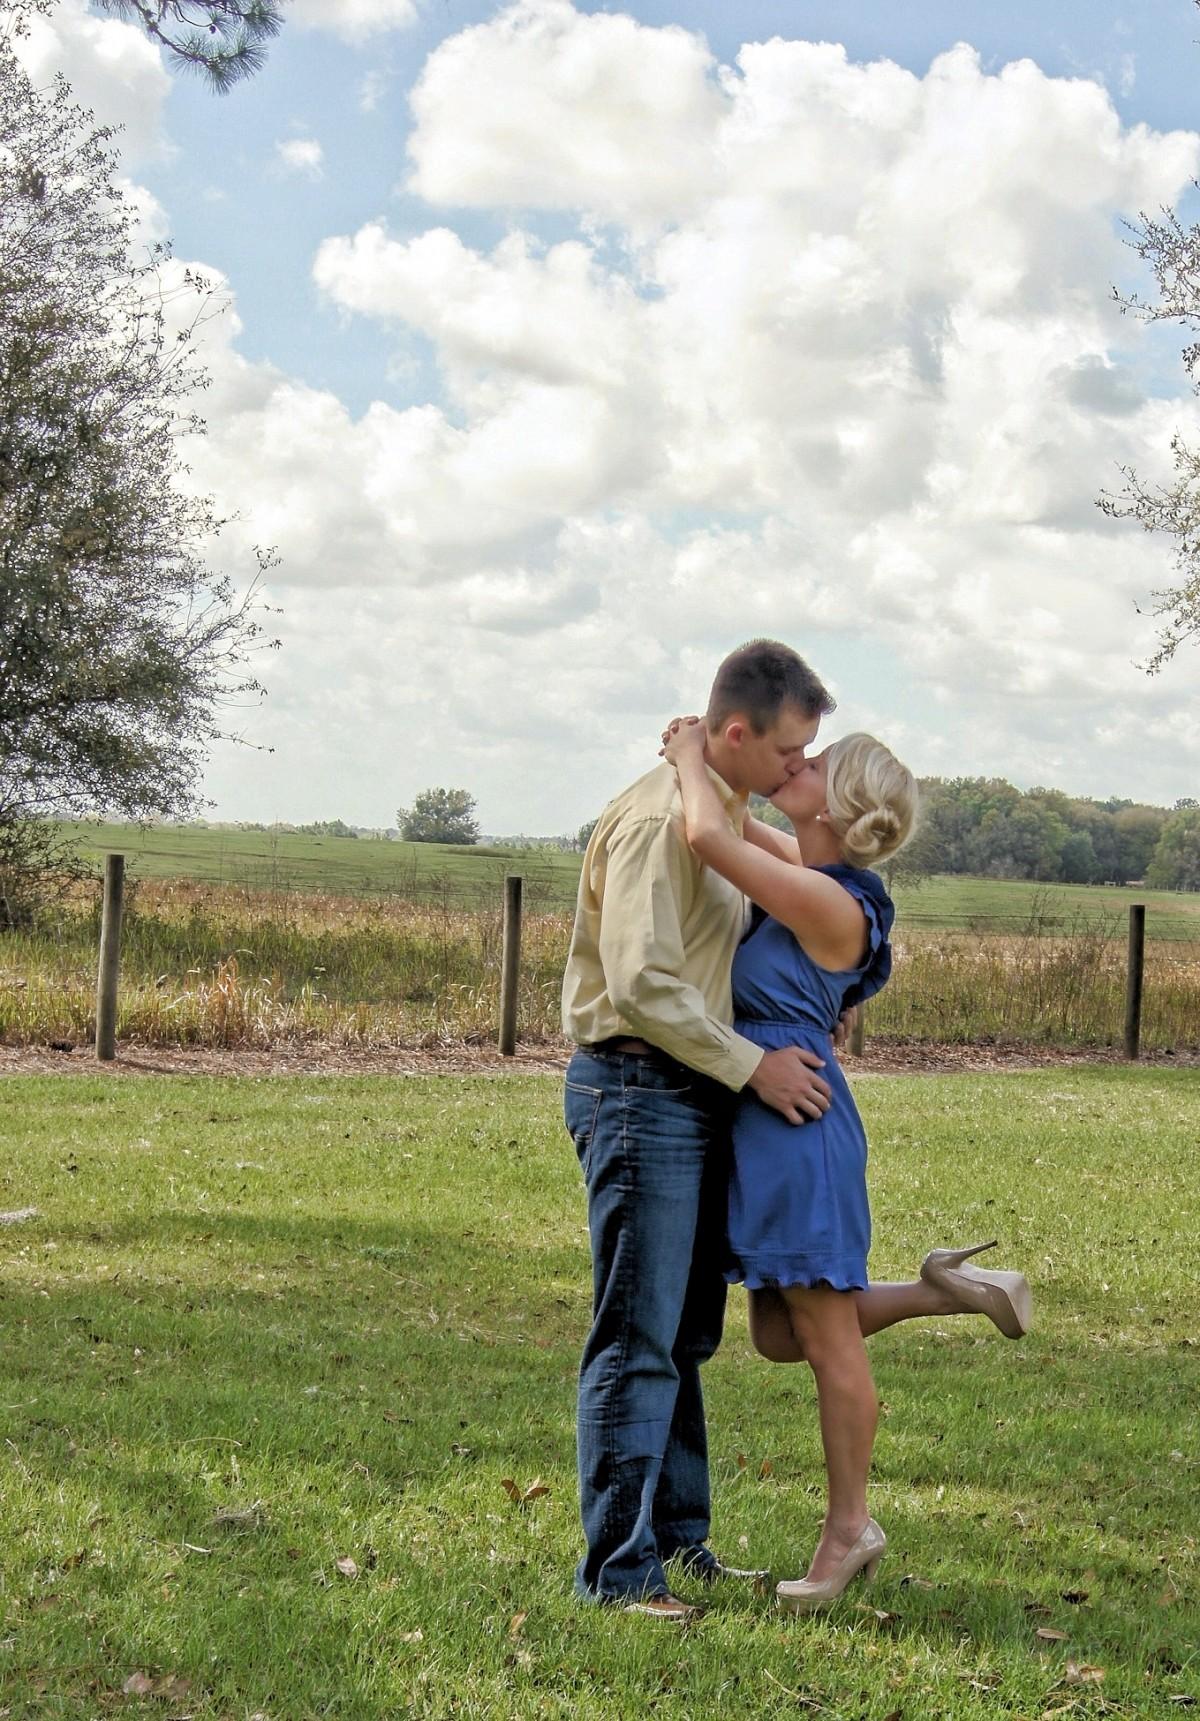 images gratuites herbe gens femme pelouse prairie f te amour jeune symbole couple. Black Bedroom Furniture Sets. Home Design Ideas